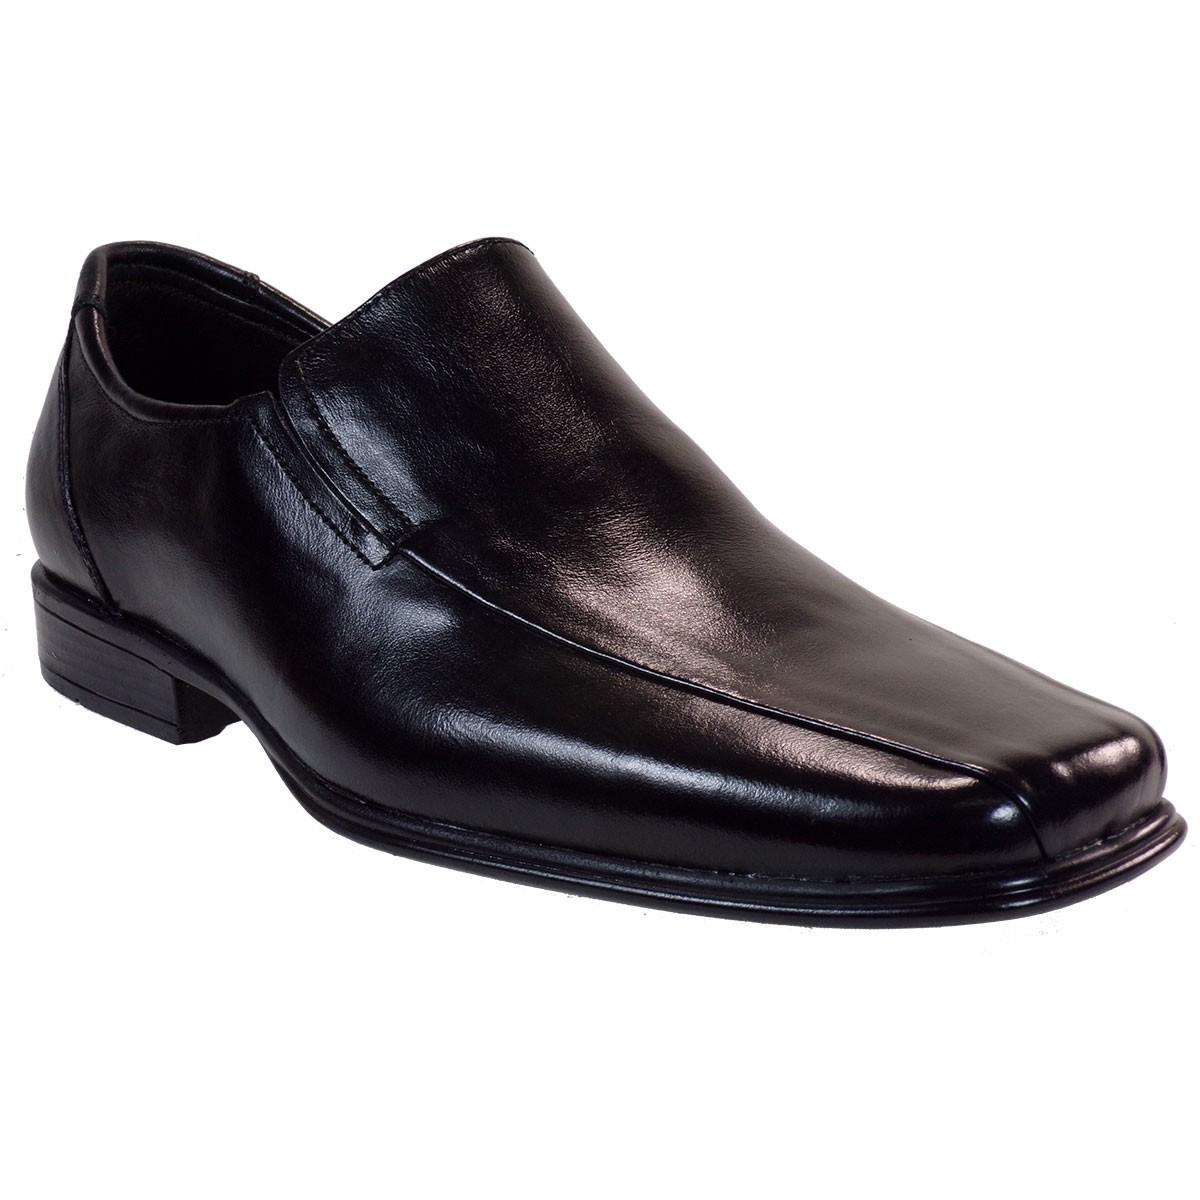 Vero Shoes Παπούτσια Αντρικά 61 Μαύρο Δέρμα